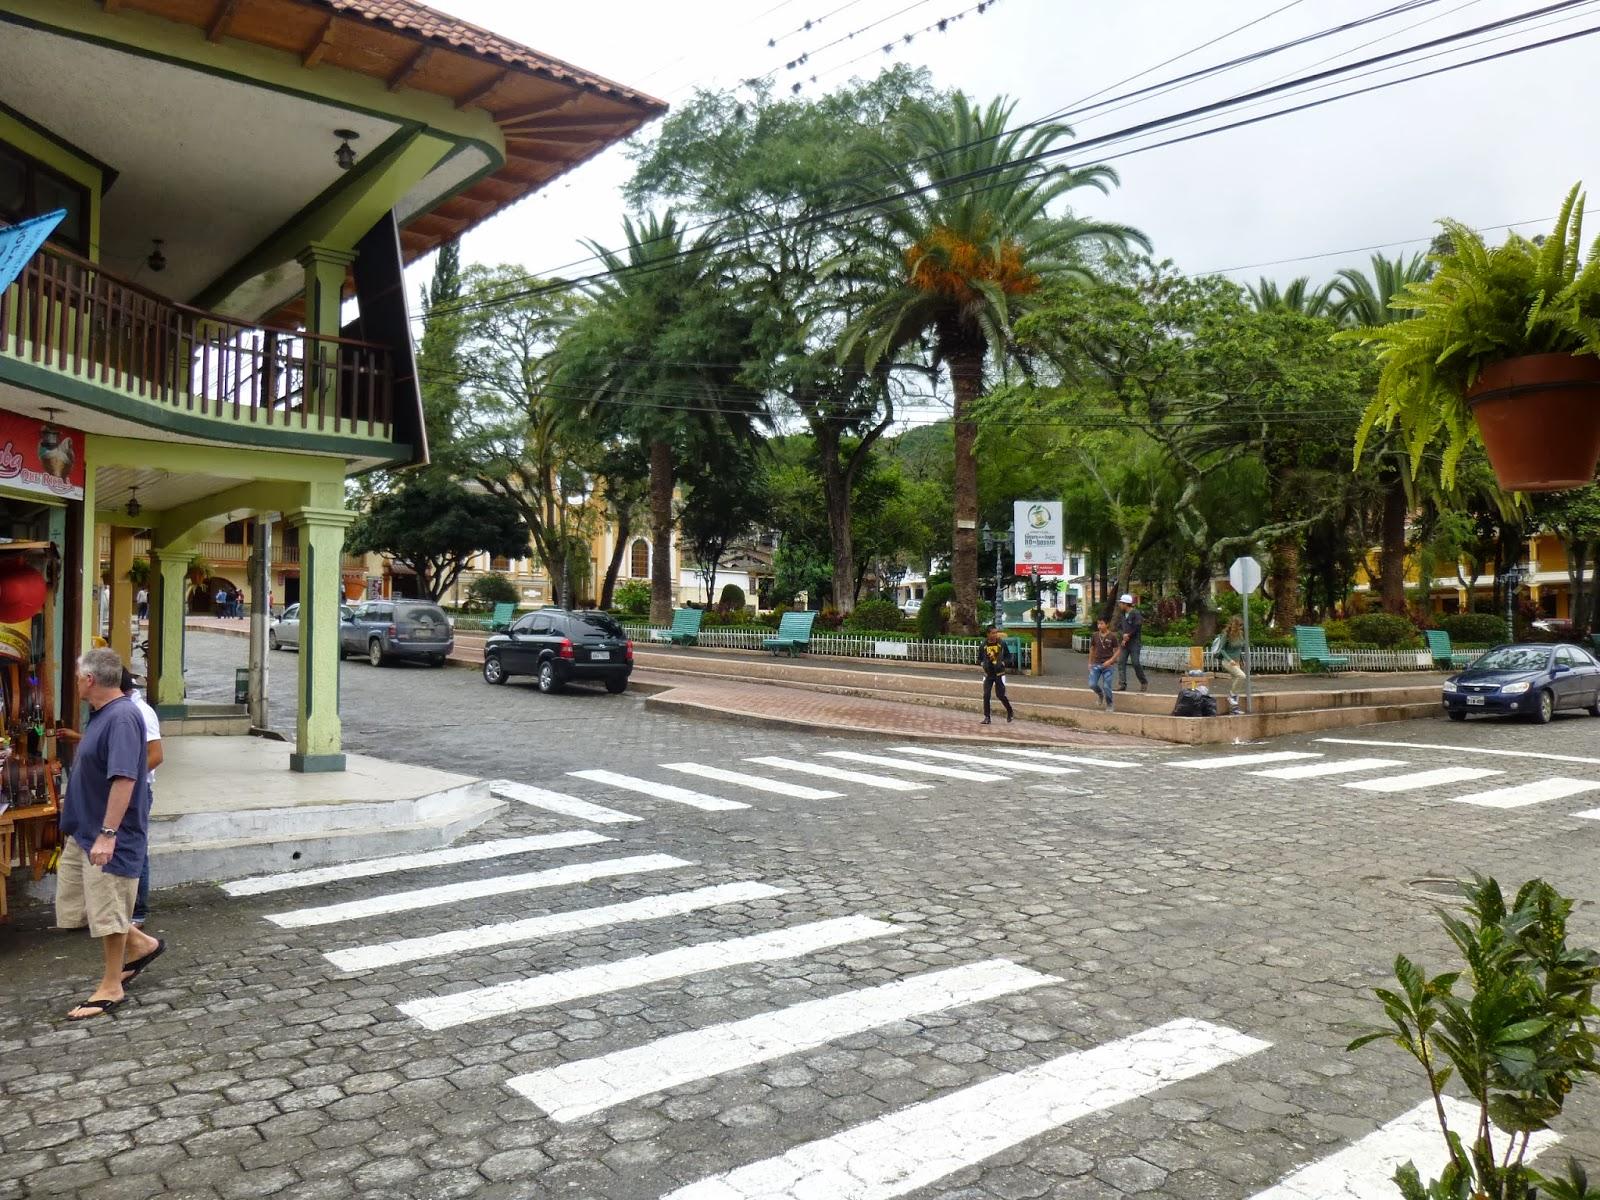 Machala, Loja and Vilcabamba   Despues de 10+ años 2ce03c1887